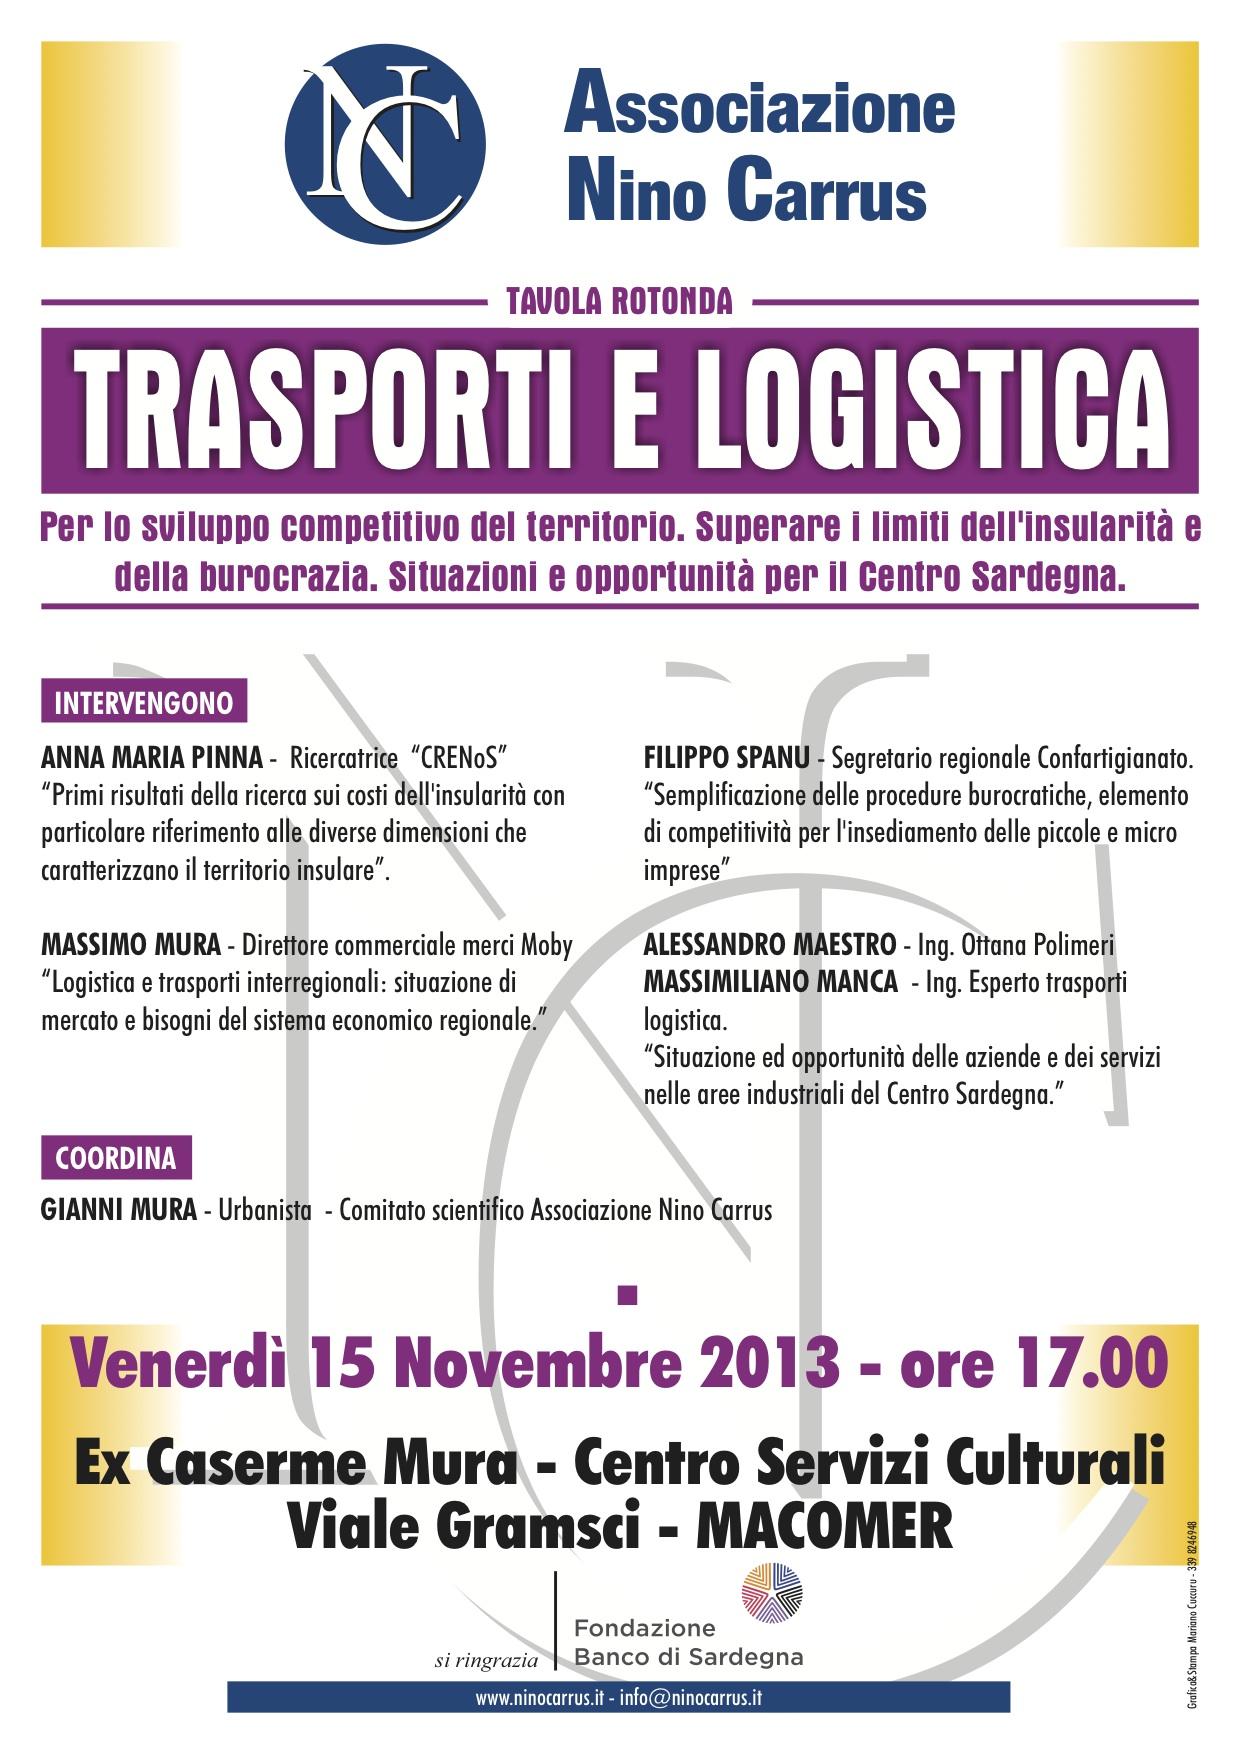 Tavola rotonda: Trasporti e logistica. Per uno sviluppo competitivo del territorio